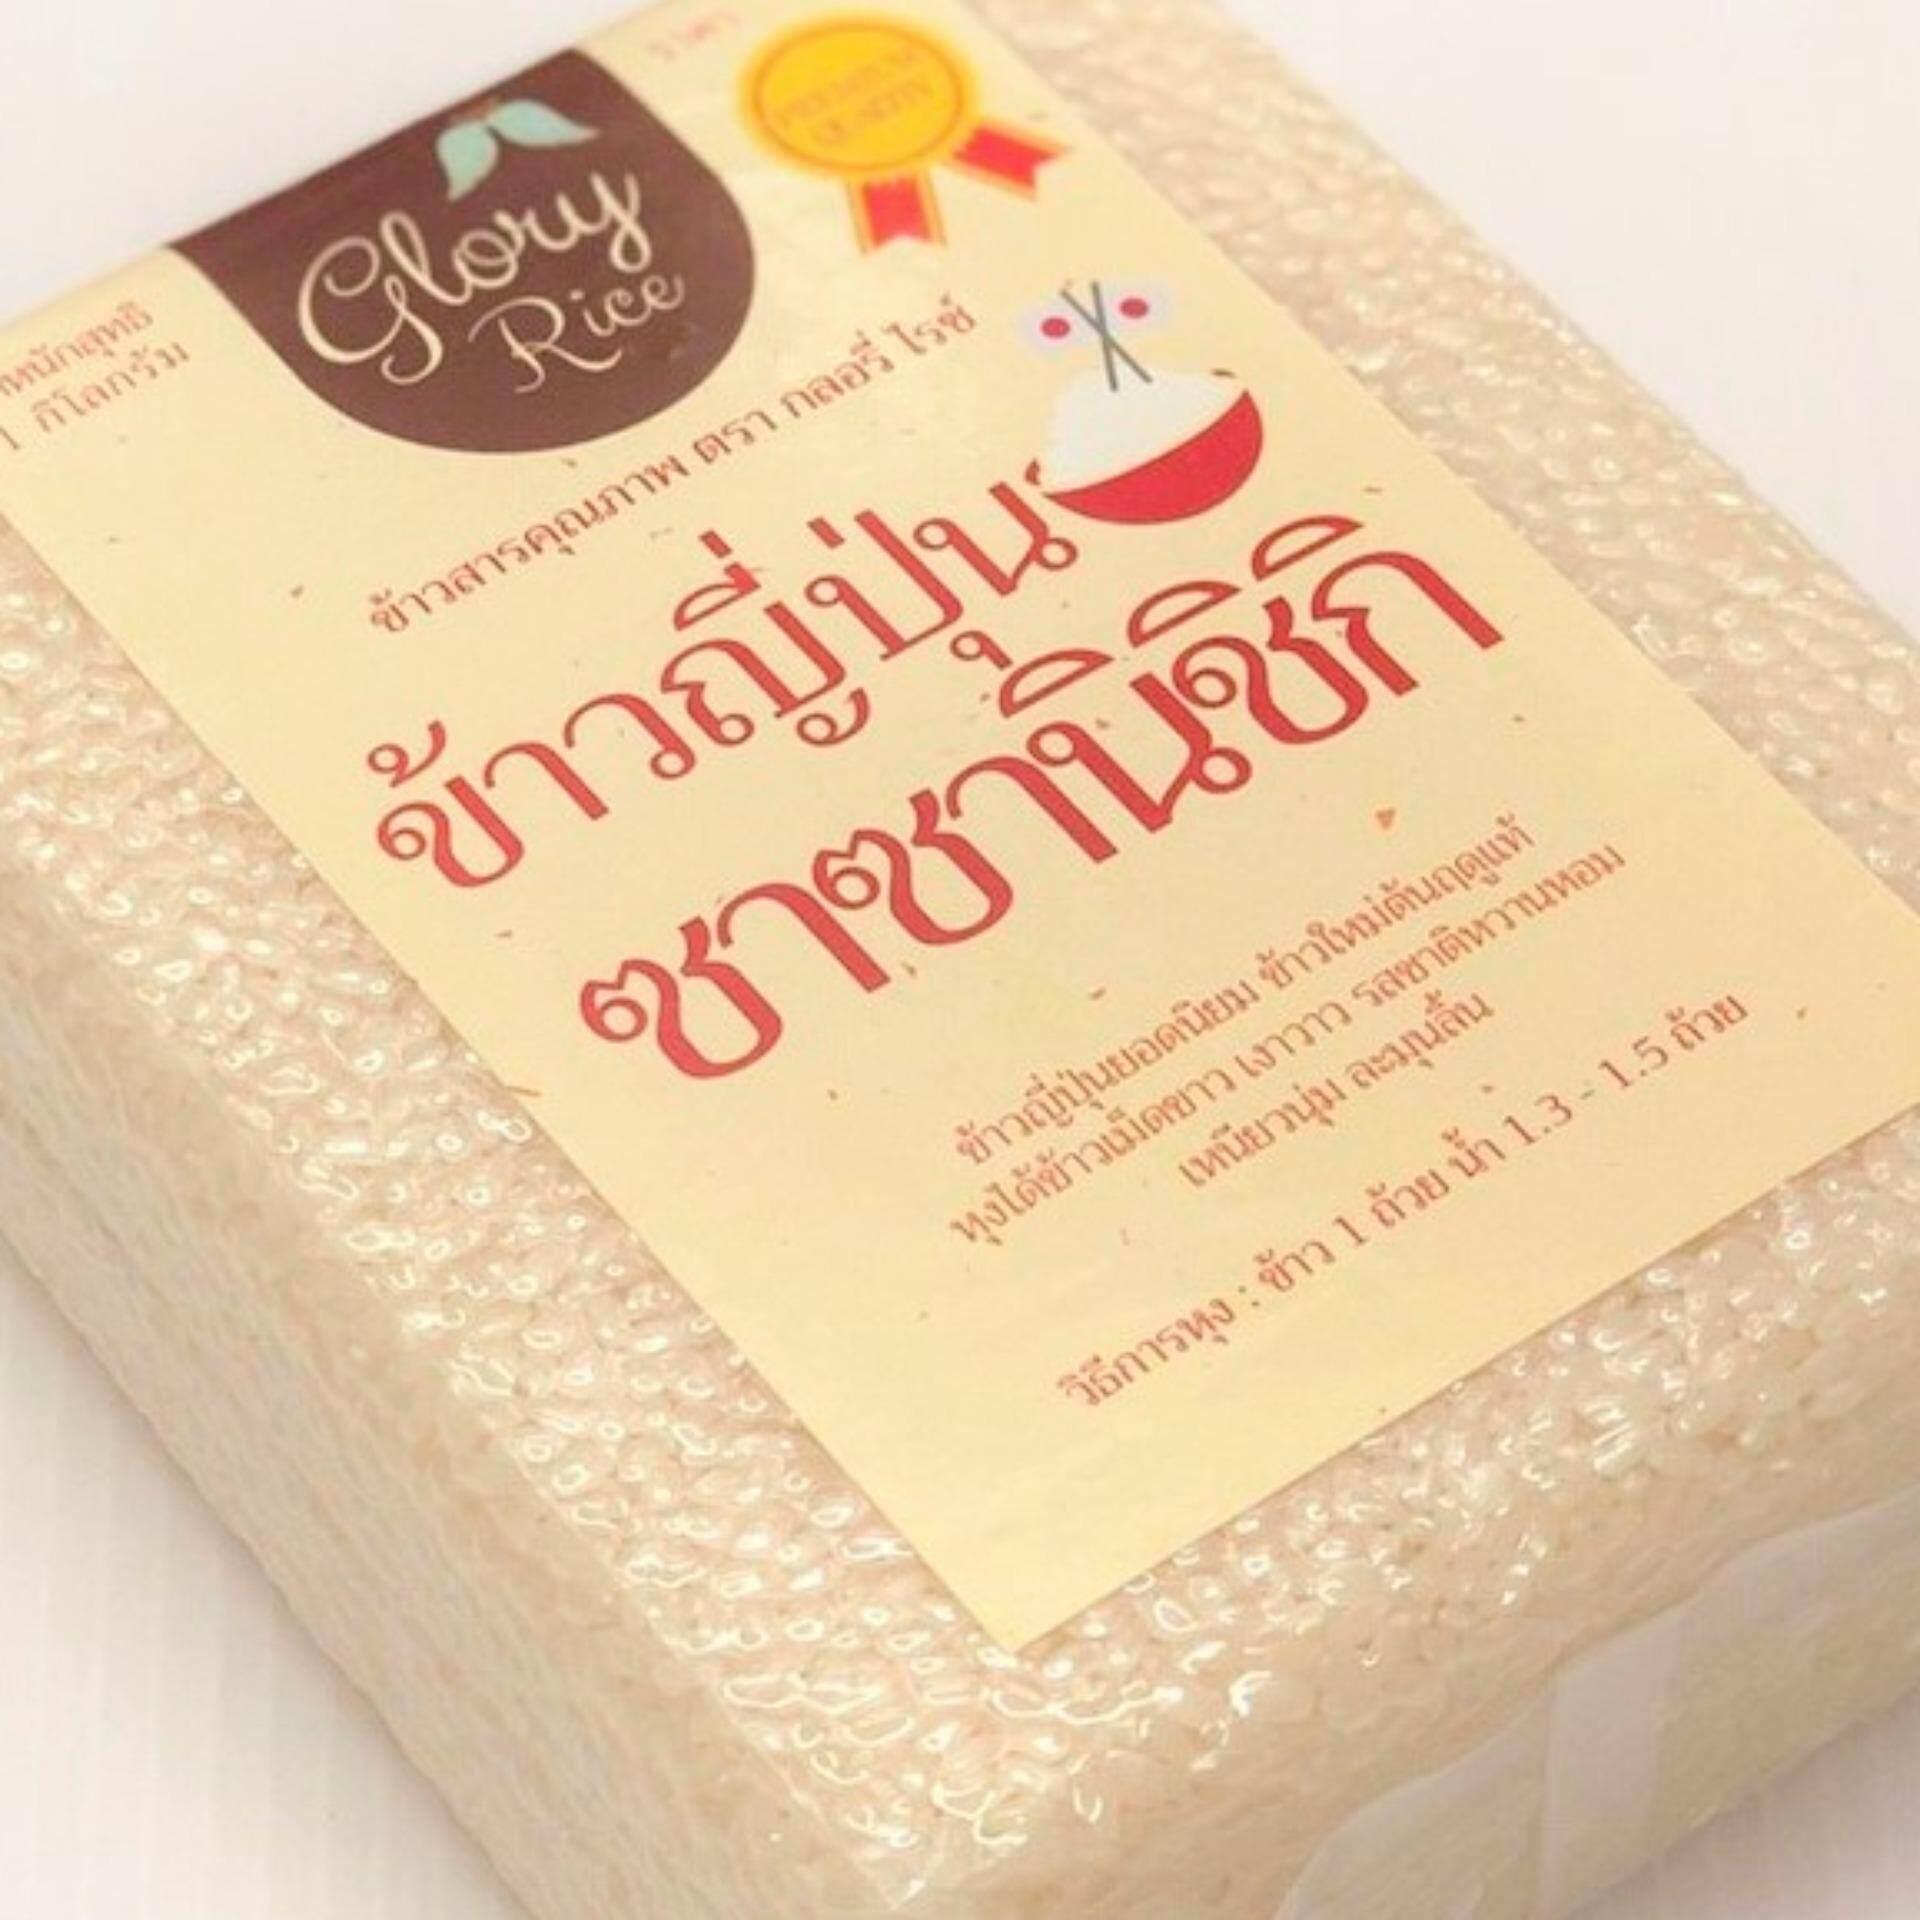 ข้าวญี่ปุ่นซาซานิชิกิ ตรา Glory Rice By Glory Rice Thailand.